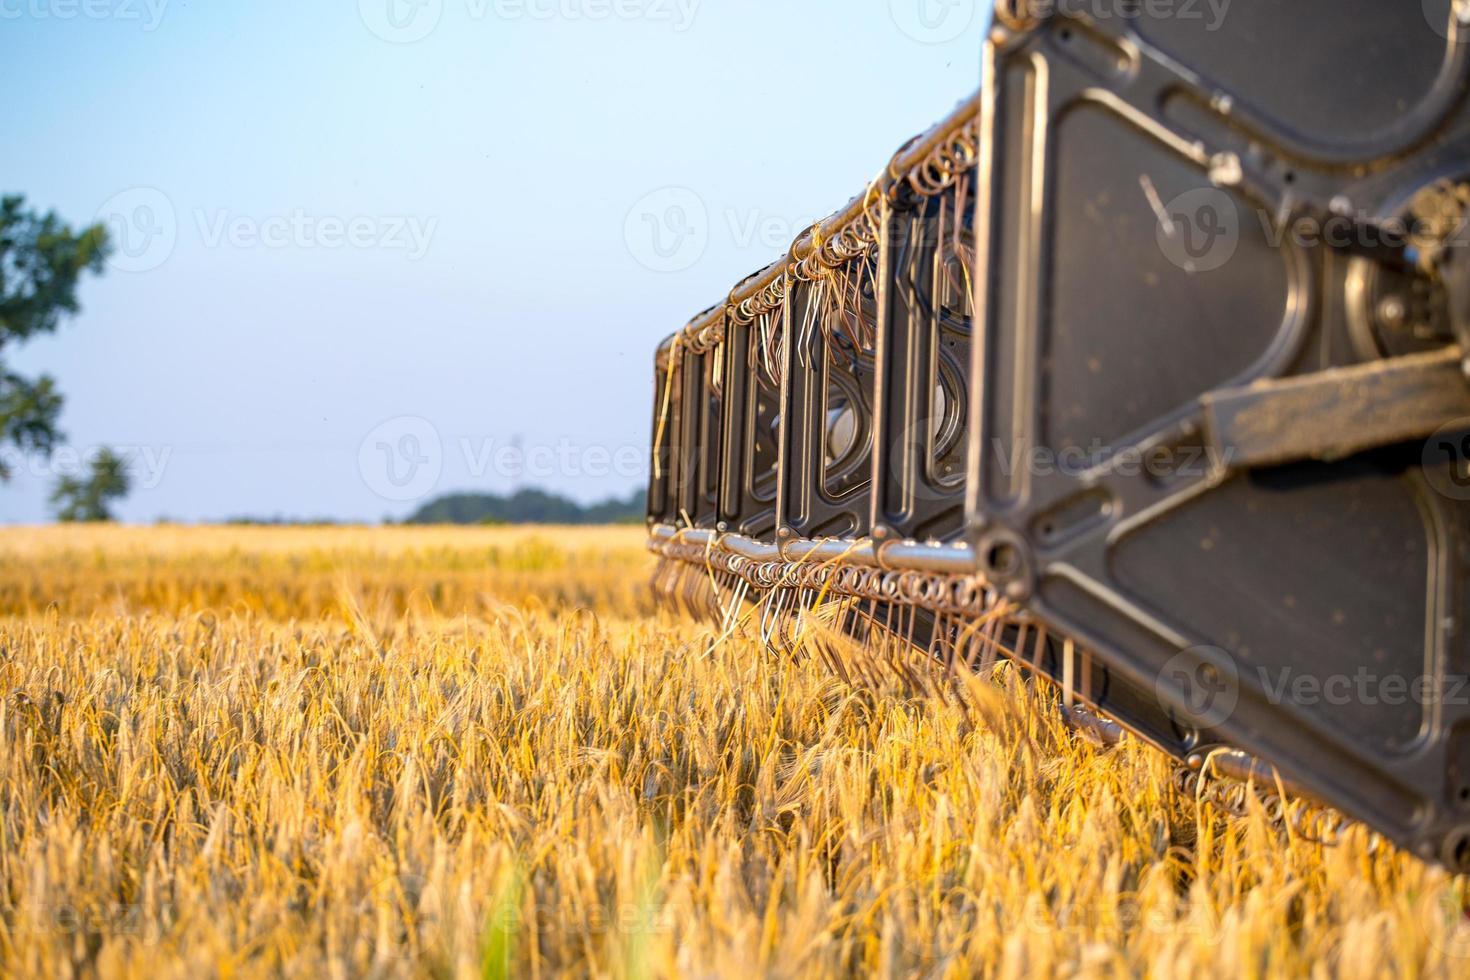 närbild på skördetröska som arbetar på kornfält foto